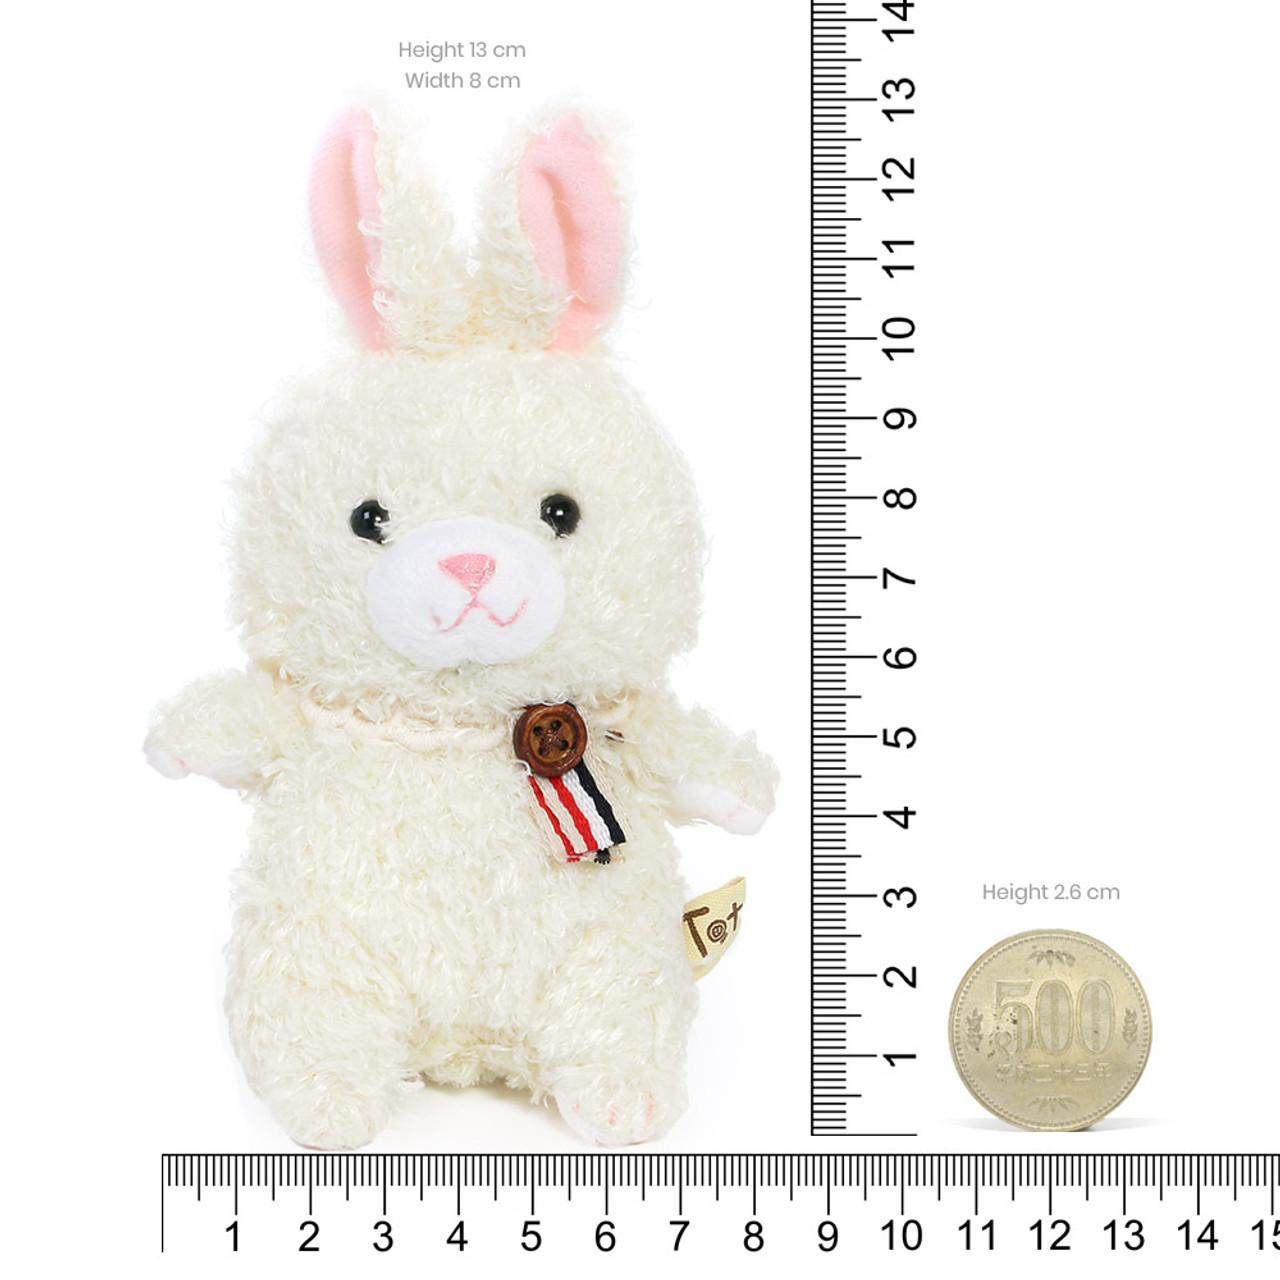 Naito Design Tot Series Rabbit Doll Charms - Lamu ( Proportion )